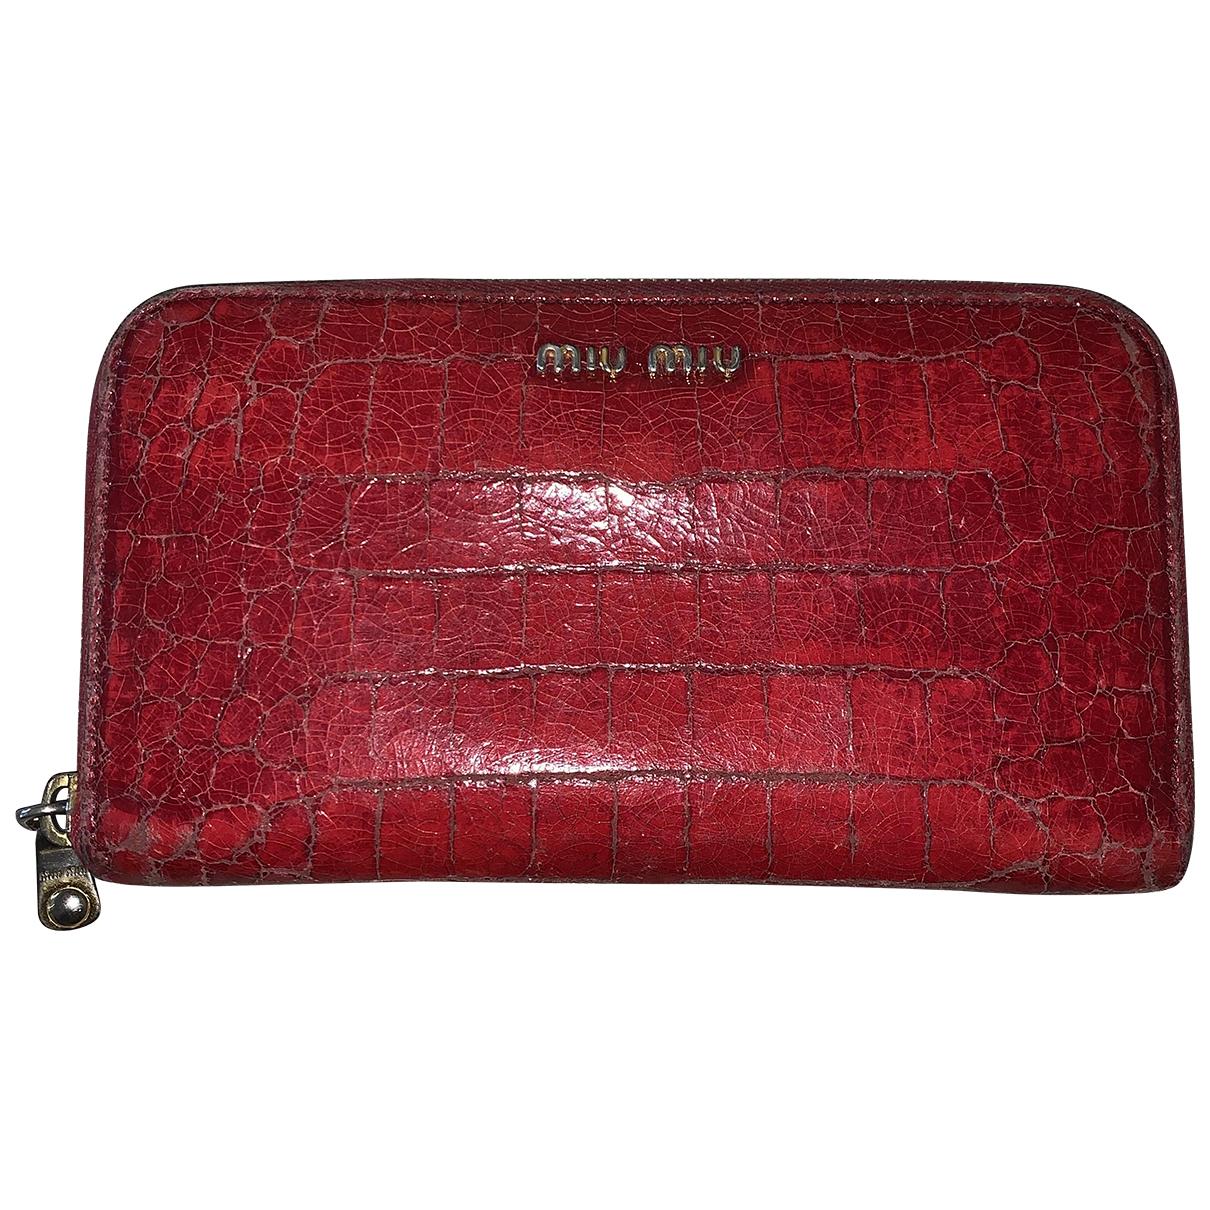 Miu Miu \N Portemonnaie in  Rot Lackleder